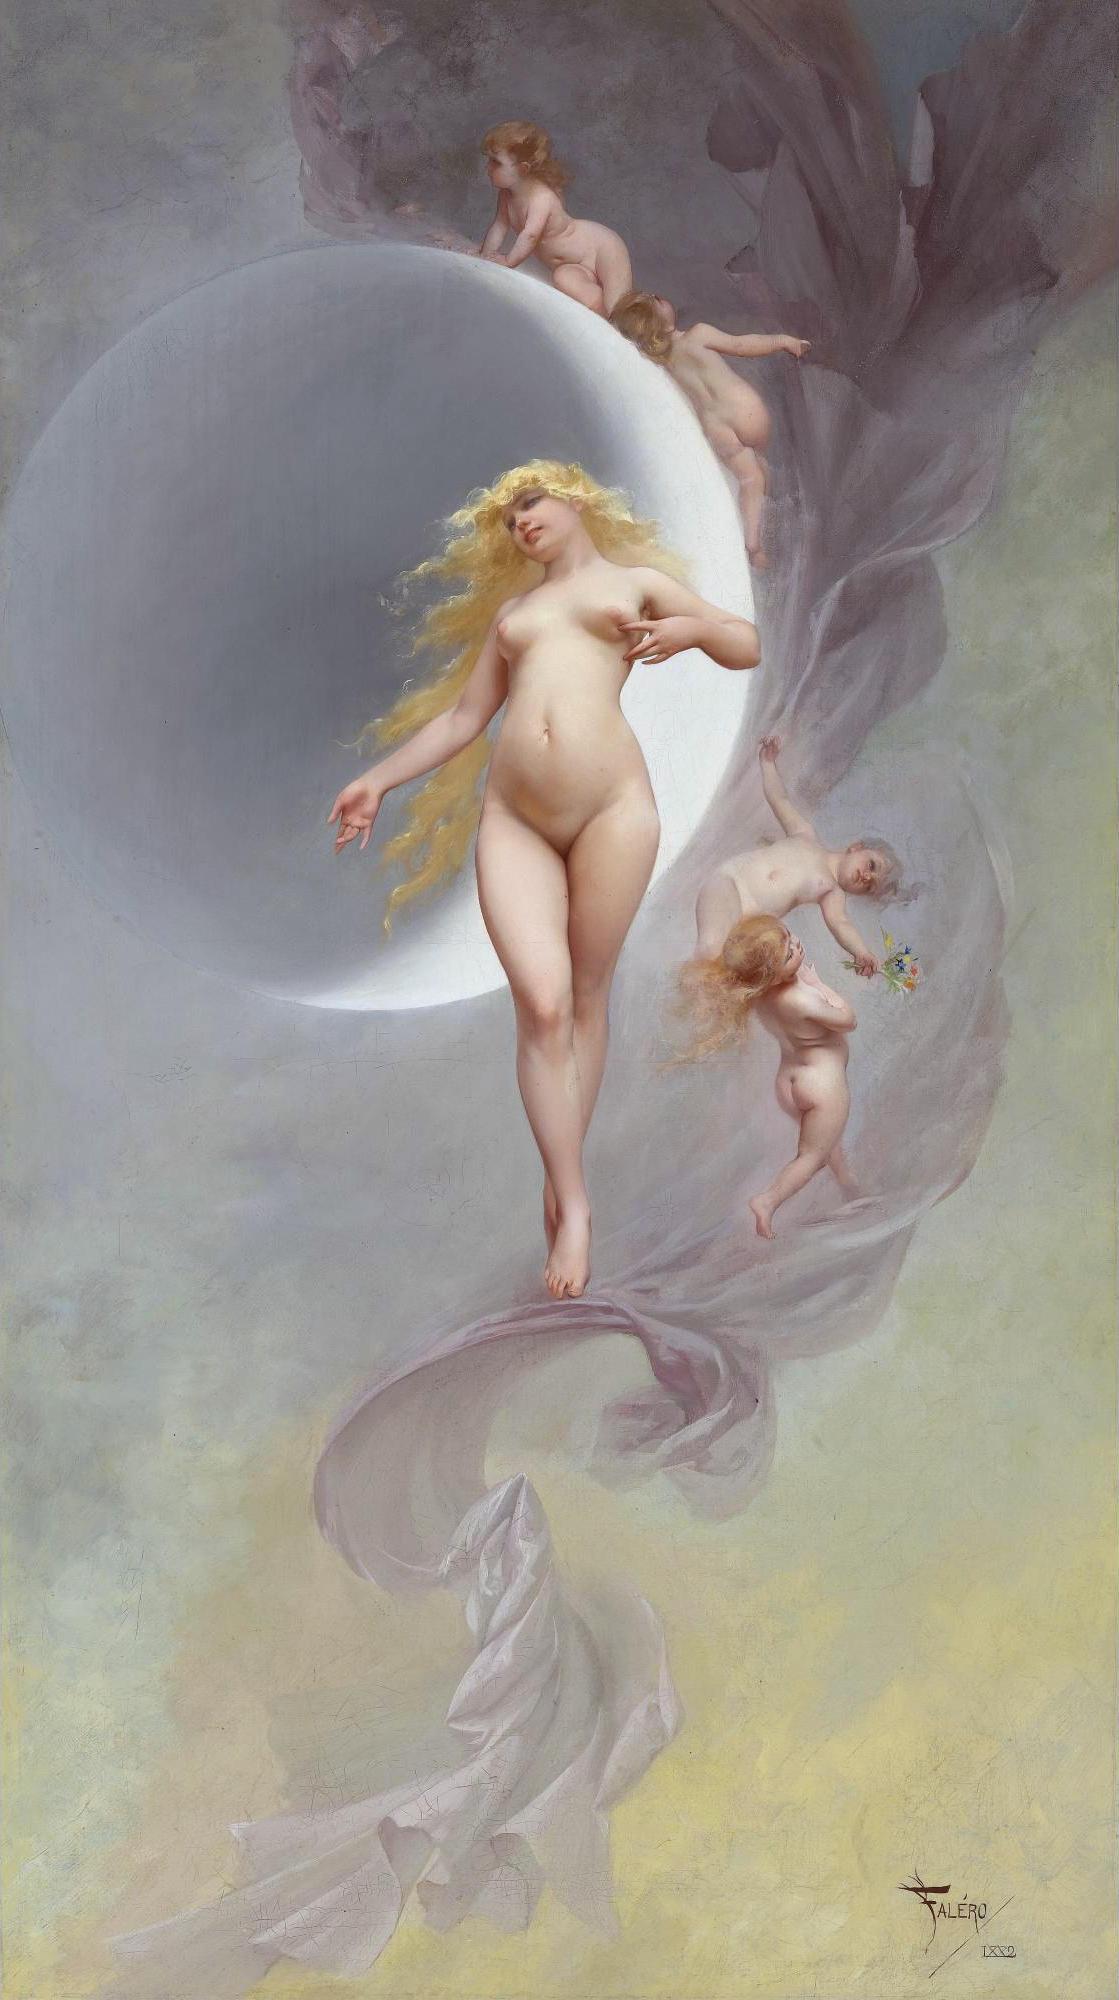 Luis Ricardo Falero, 1851-1896. Планета Венера. 1882. 111.3 х 62.8 см. Частная коллекция